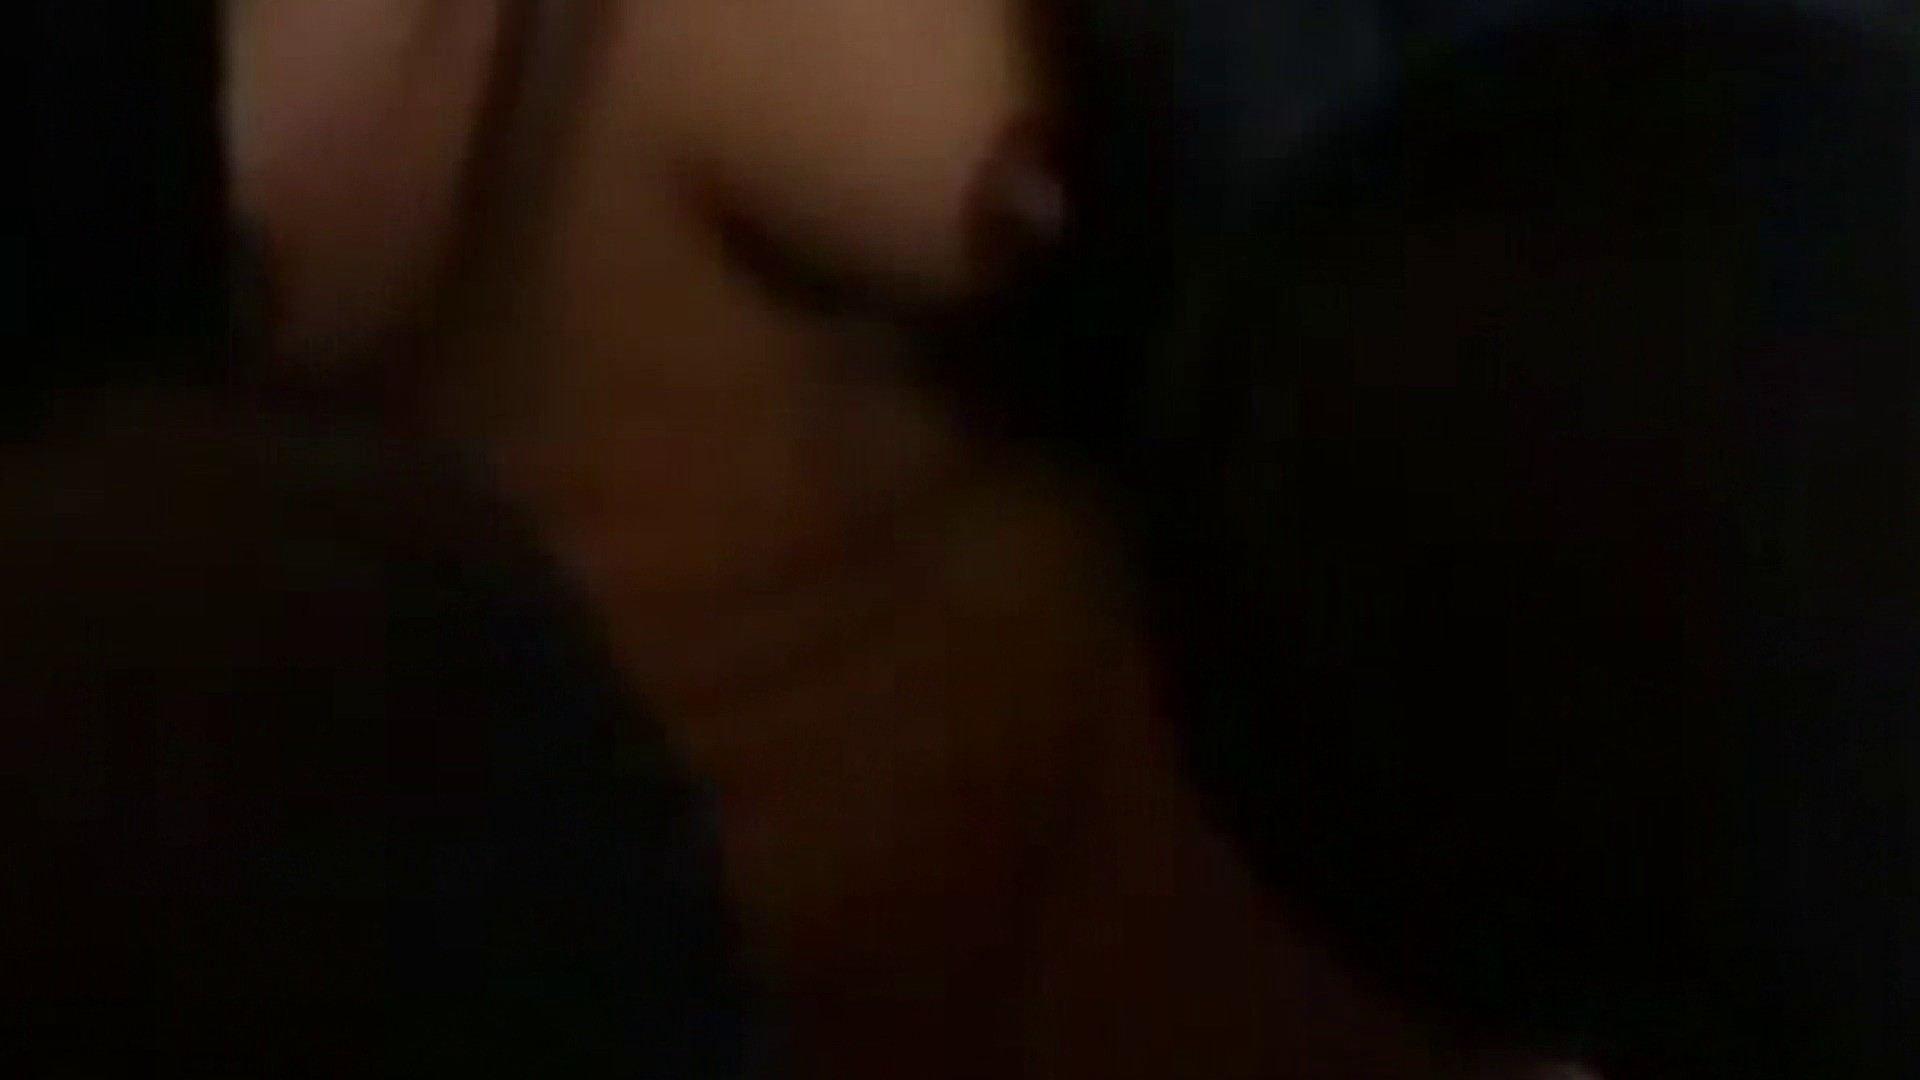 変態オナニー劇場 Vol.17 エッチなOL エロ無料画像 81pic 6